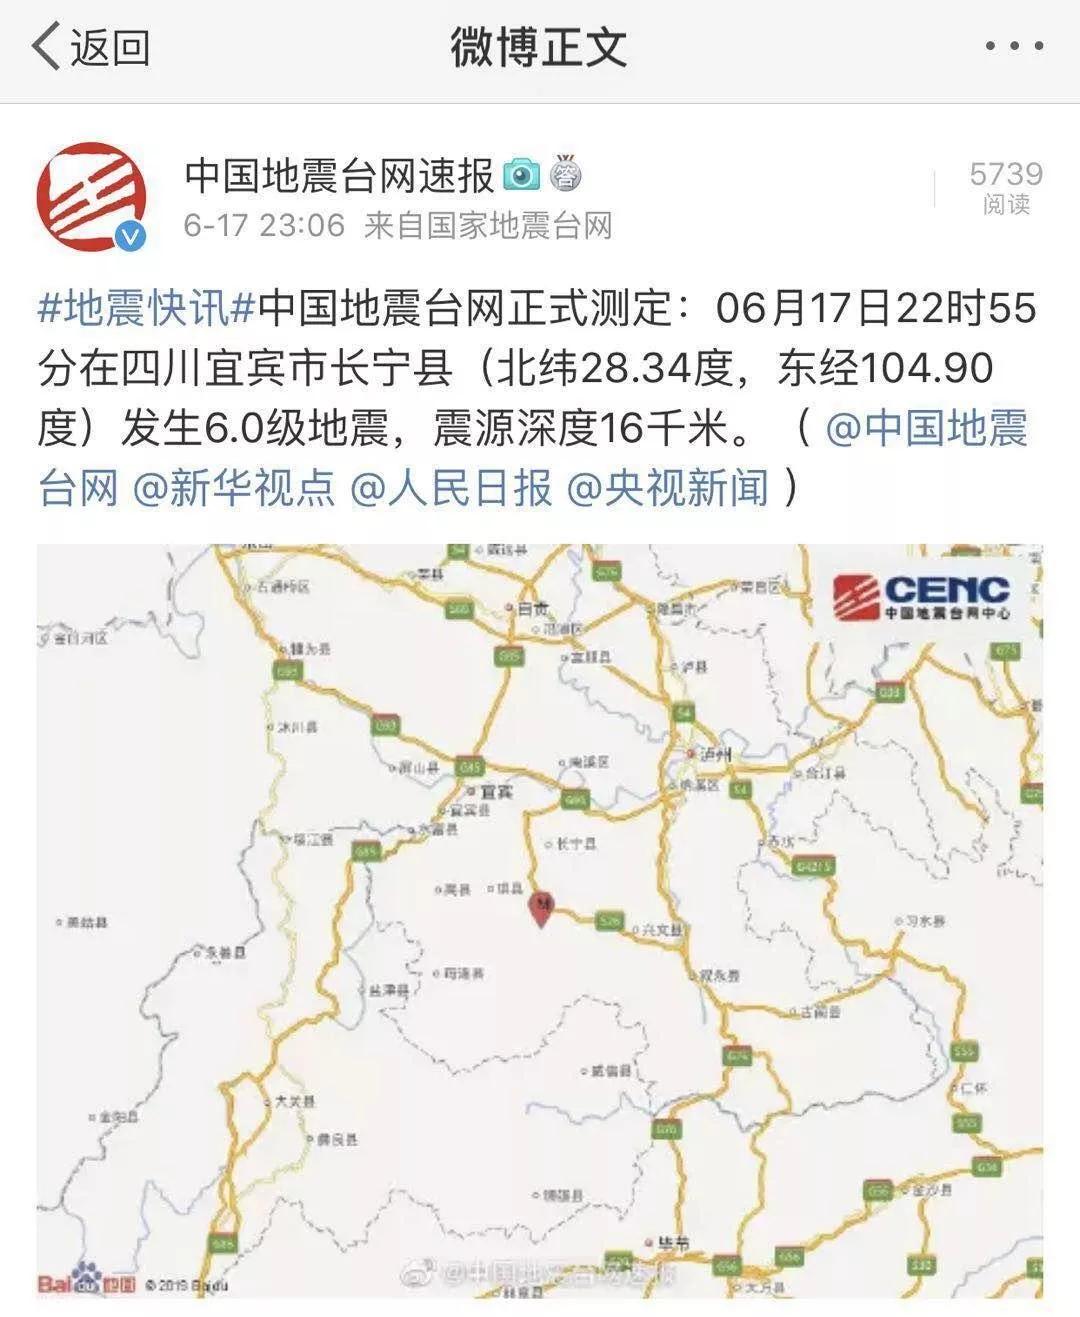 四川宜宾地震提前预警 地震预警